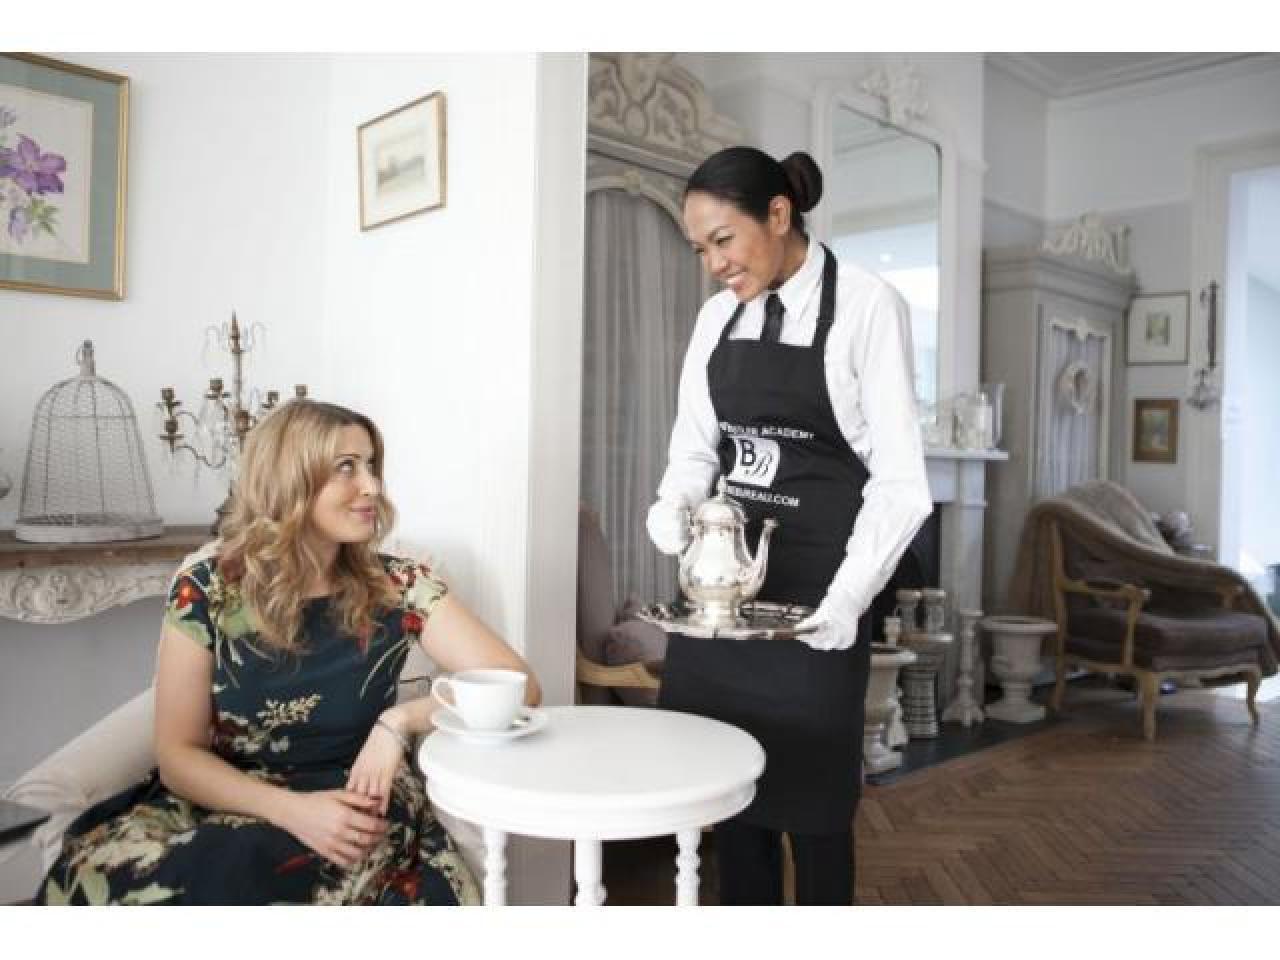 Требуется Срочно англоговорящая профессиональная домработница на полную очную ставку с жильем - 1